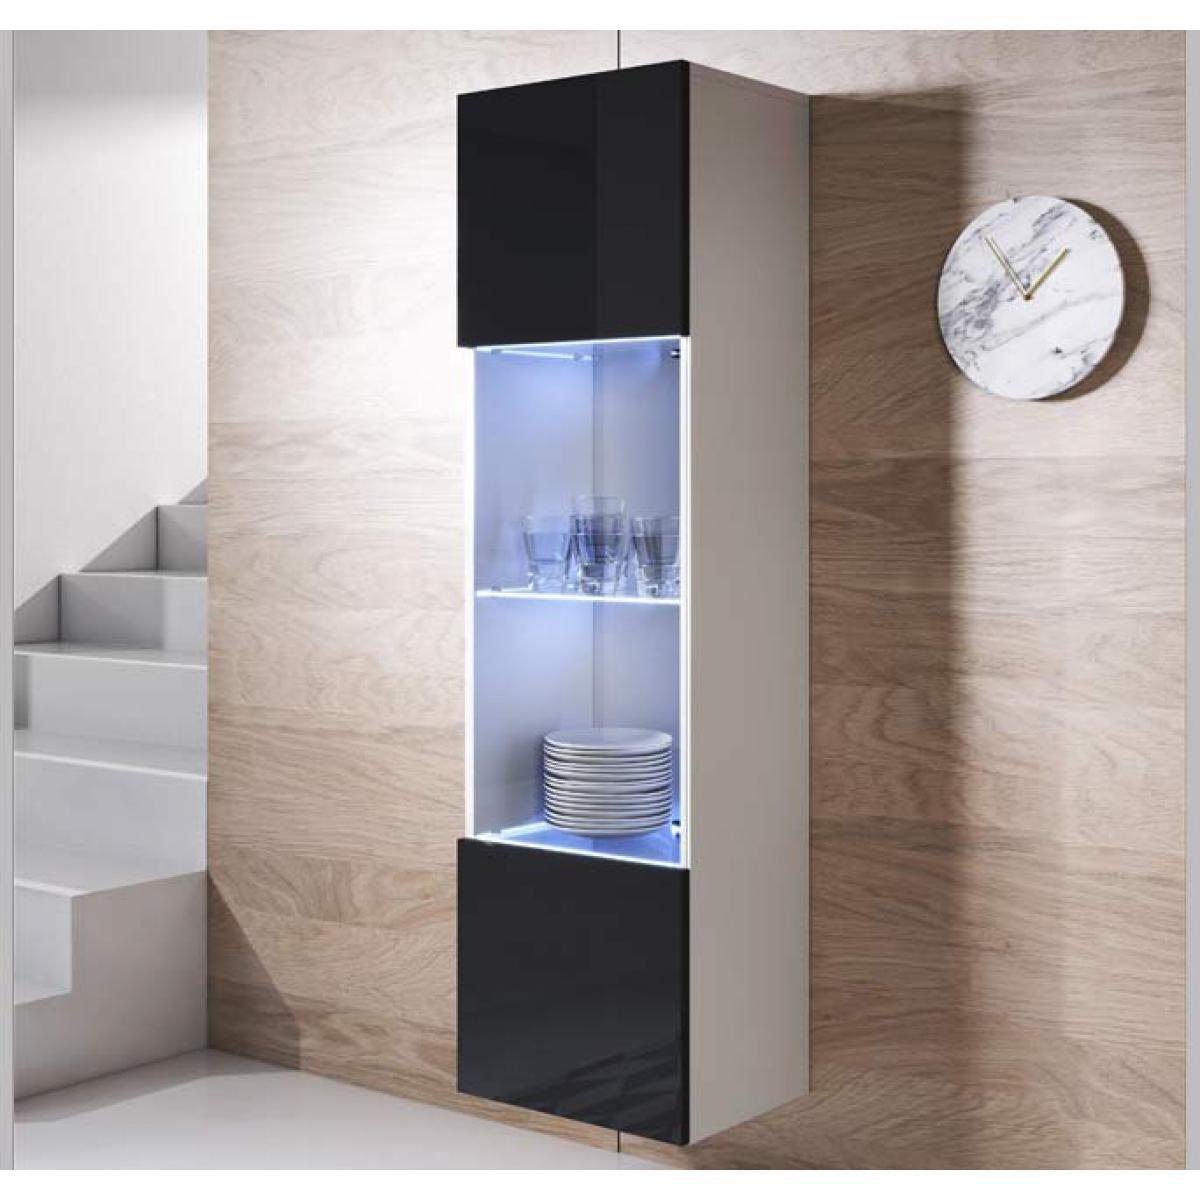 Design Ameublement Armoire mural modèle Luke V6 (40x165cm) couleur blanc et noir